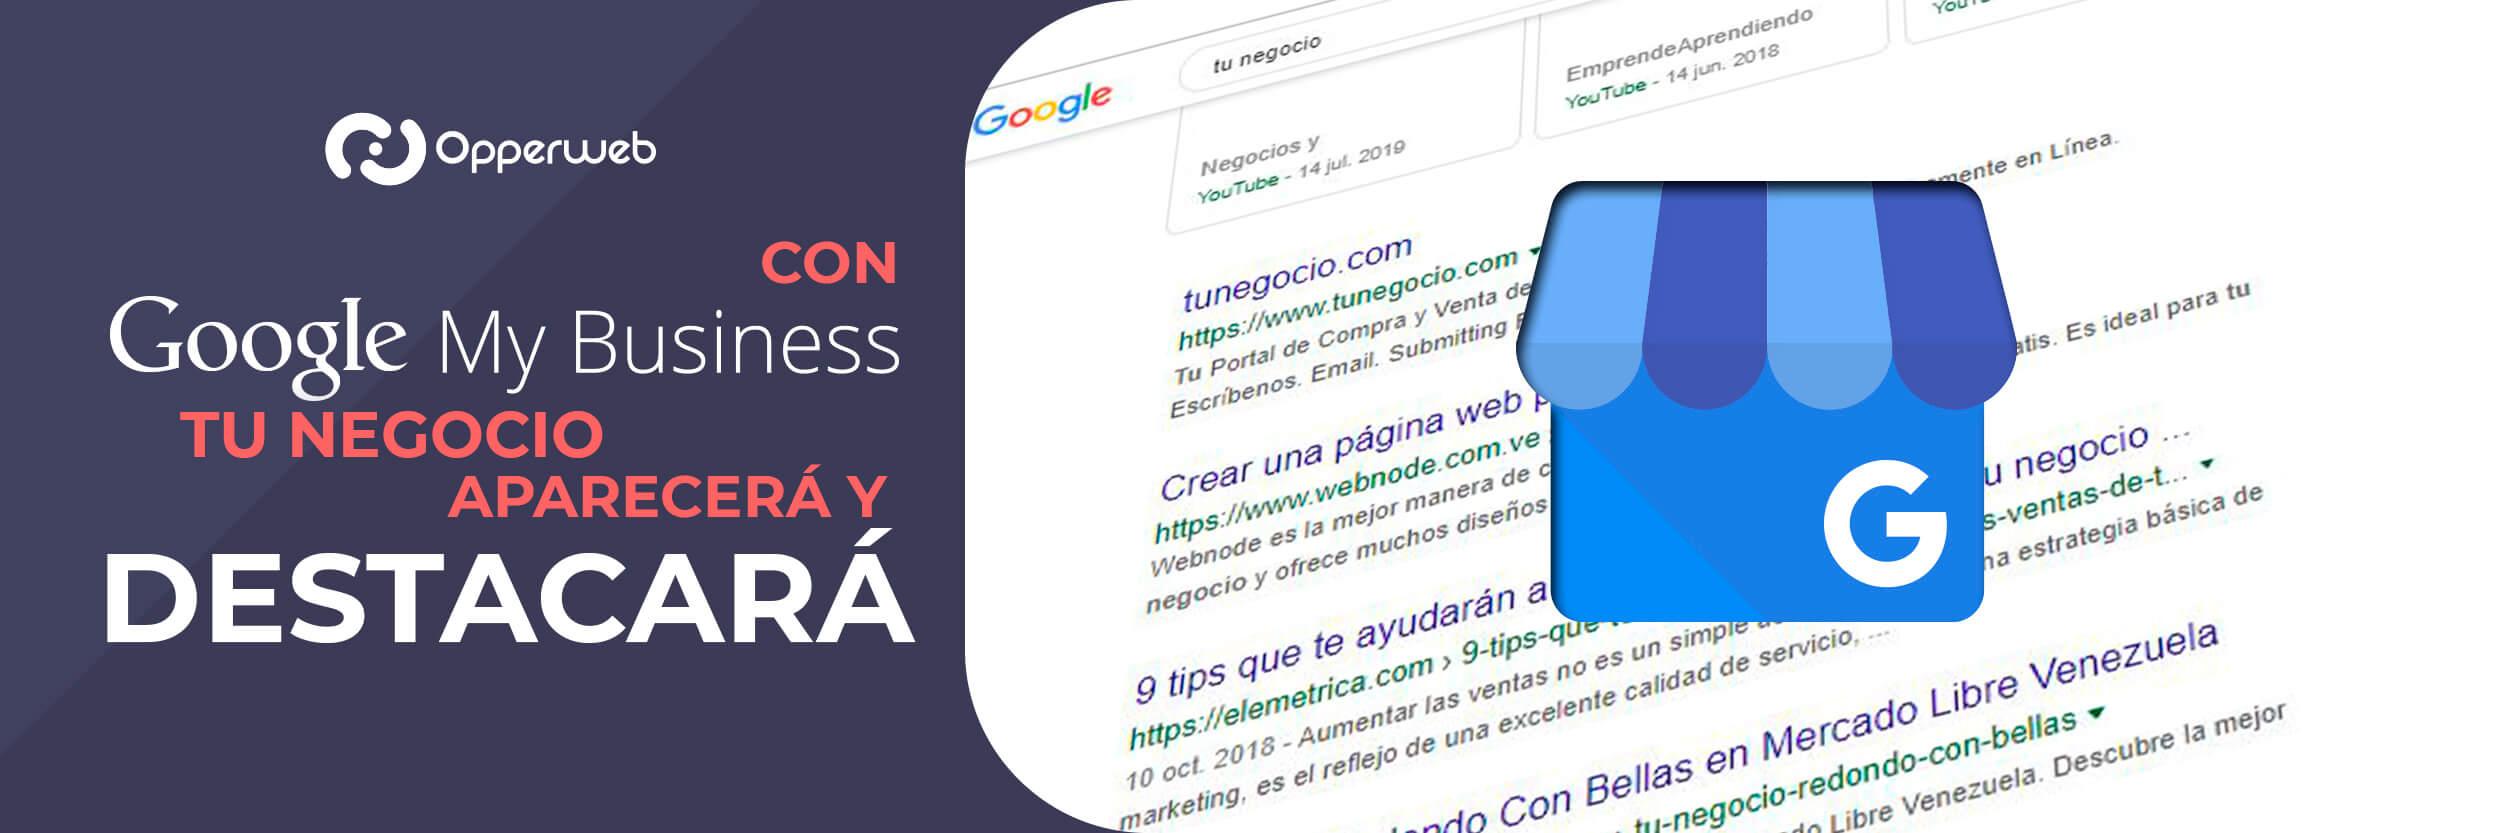 Con Google My Business tu negocio aparecerá en el buscador y destacará